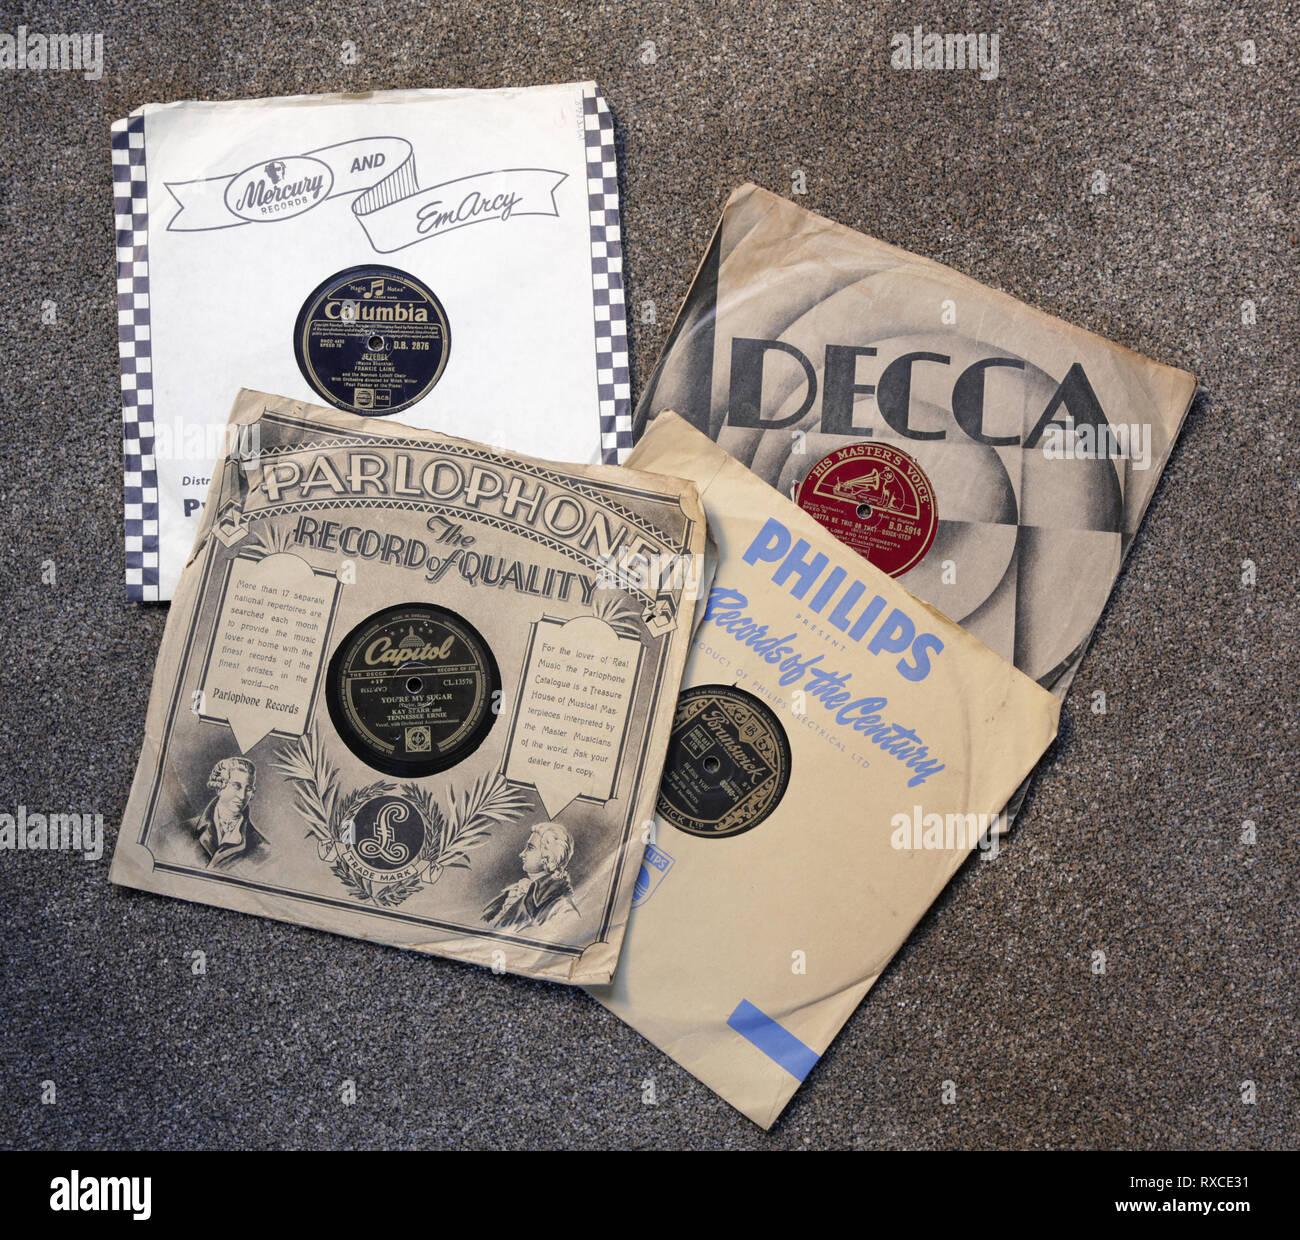 Decca Stock Photos & Decca Stock Images - Alamy